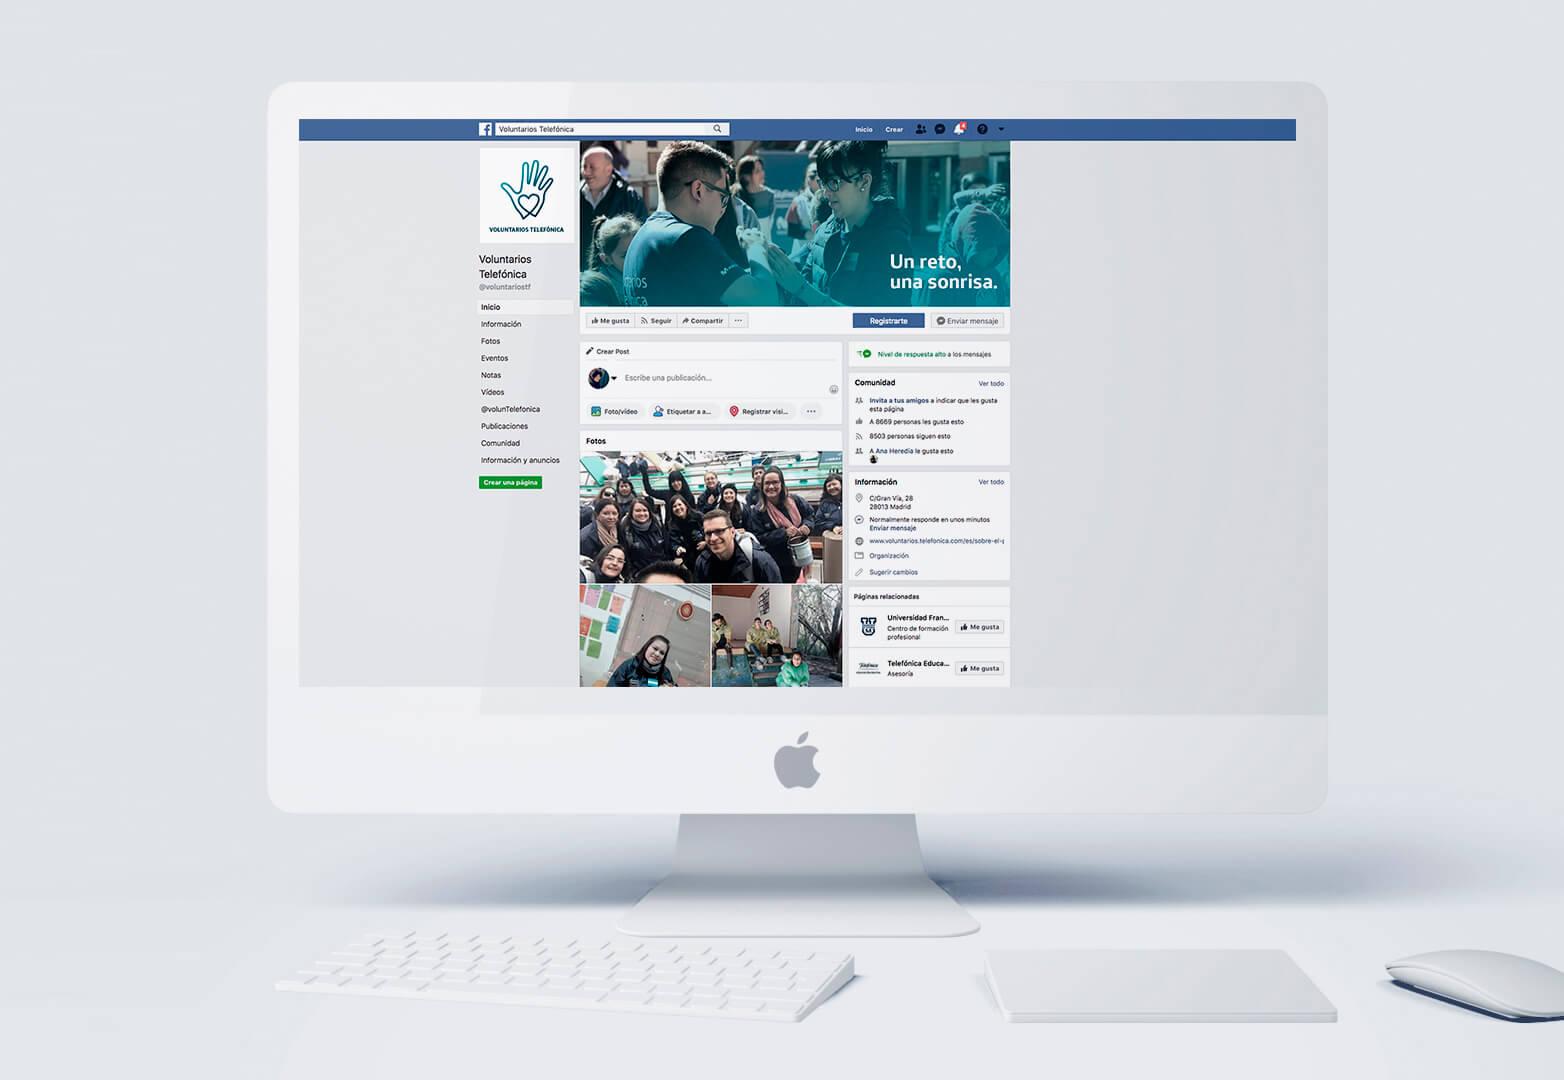 demo facebook voluntarios telefonica